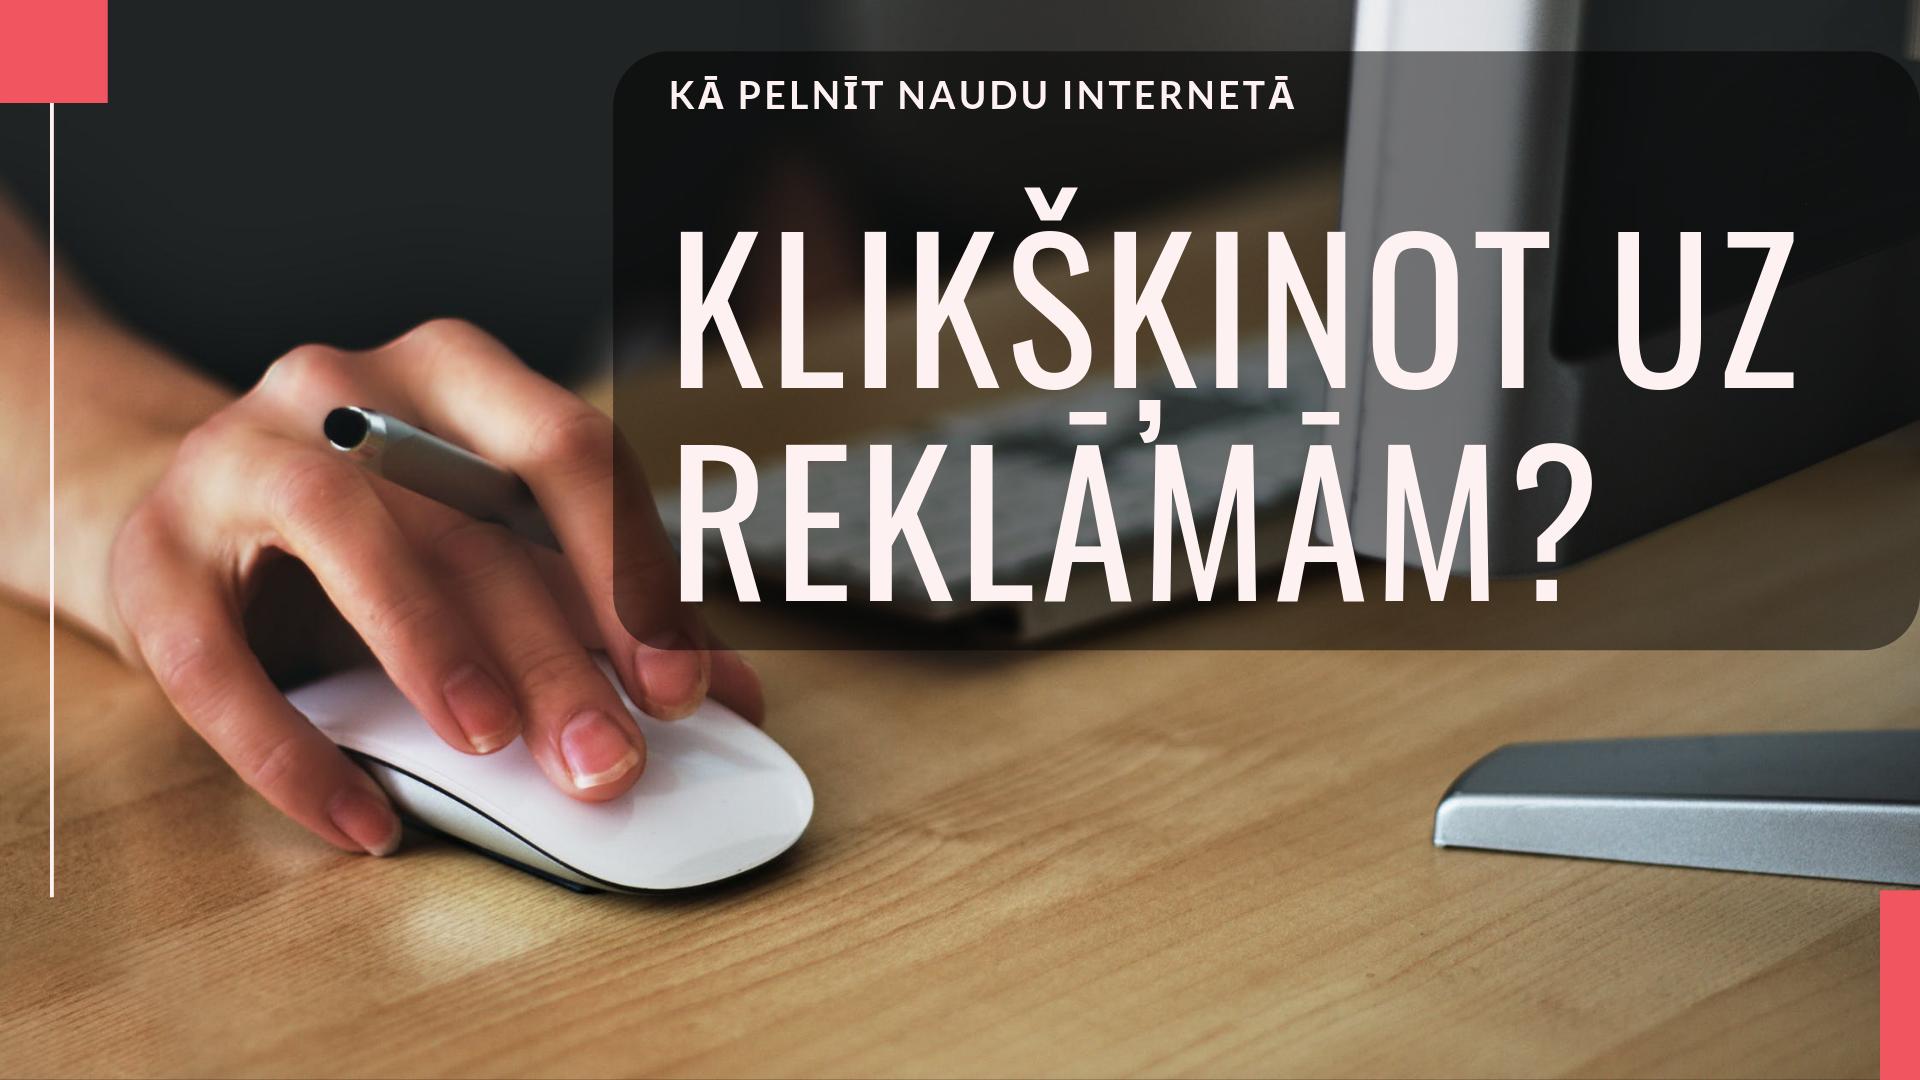 Nepieciešams Nopelnīt Naudu Tiešsaistē, Darbs no Mājām: 12 Reāli Veidi kā Nopelnīt Naudu Internetā